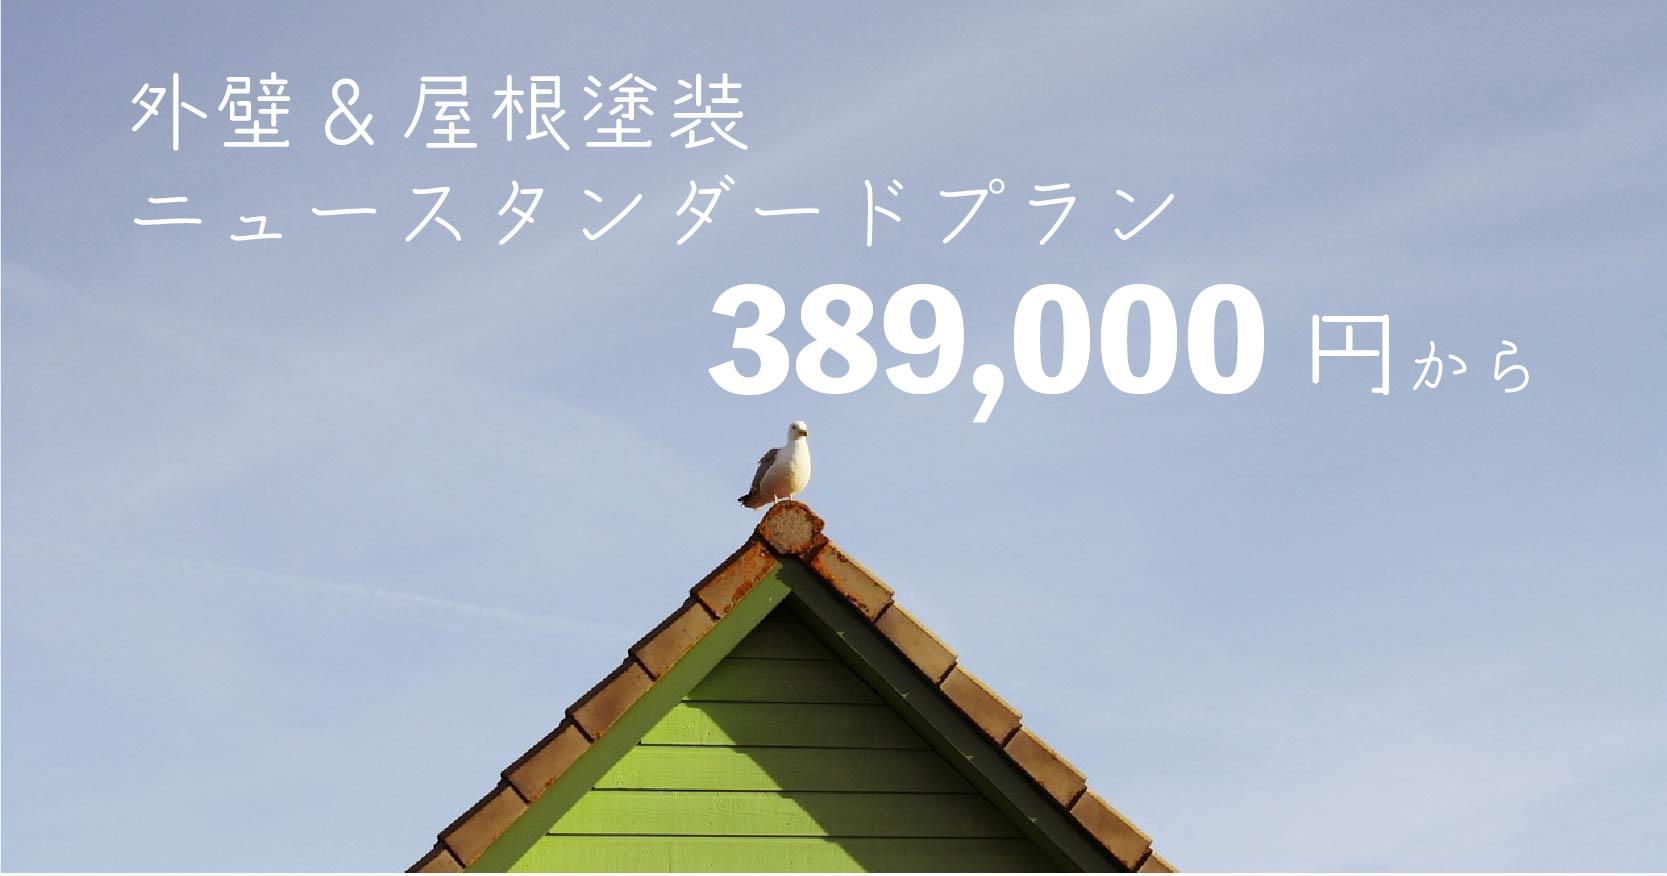 【札幌市】で外壁屋根塗装はイズミ塗装。得安プランニュースタンダードプラン【Si-10】】